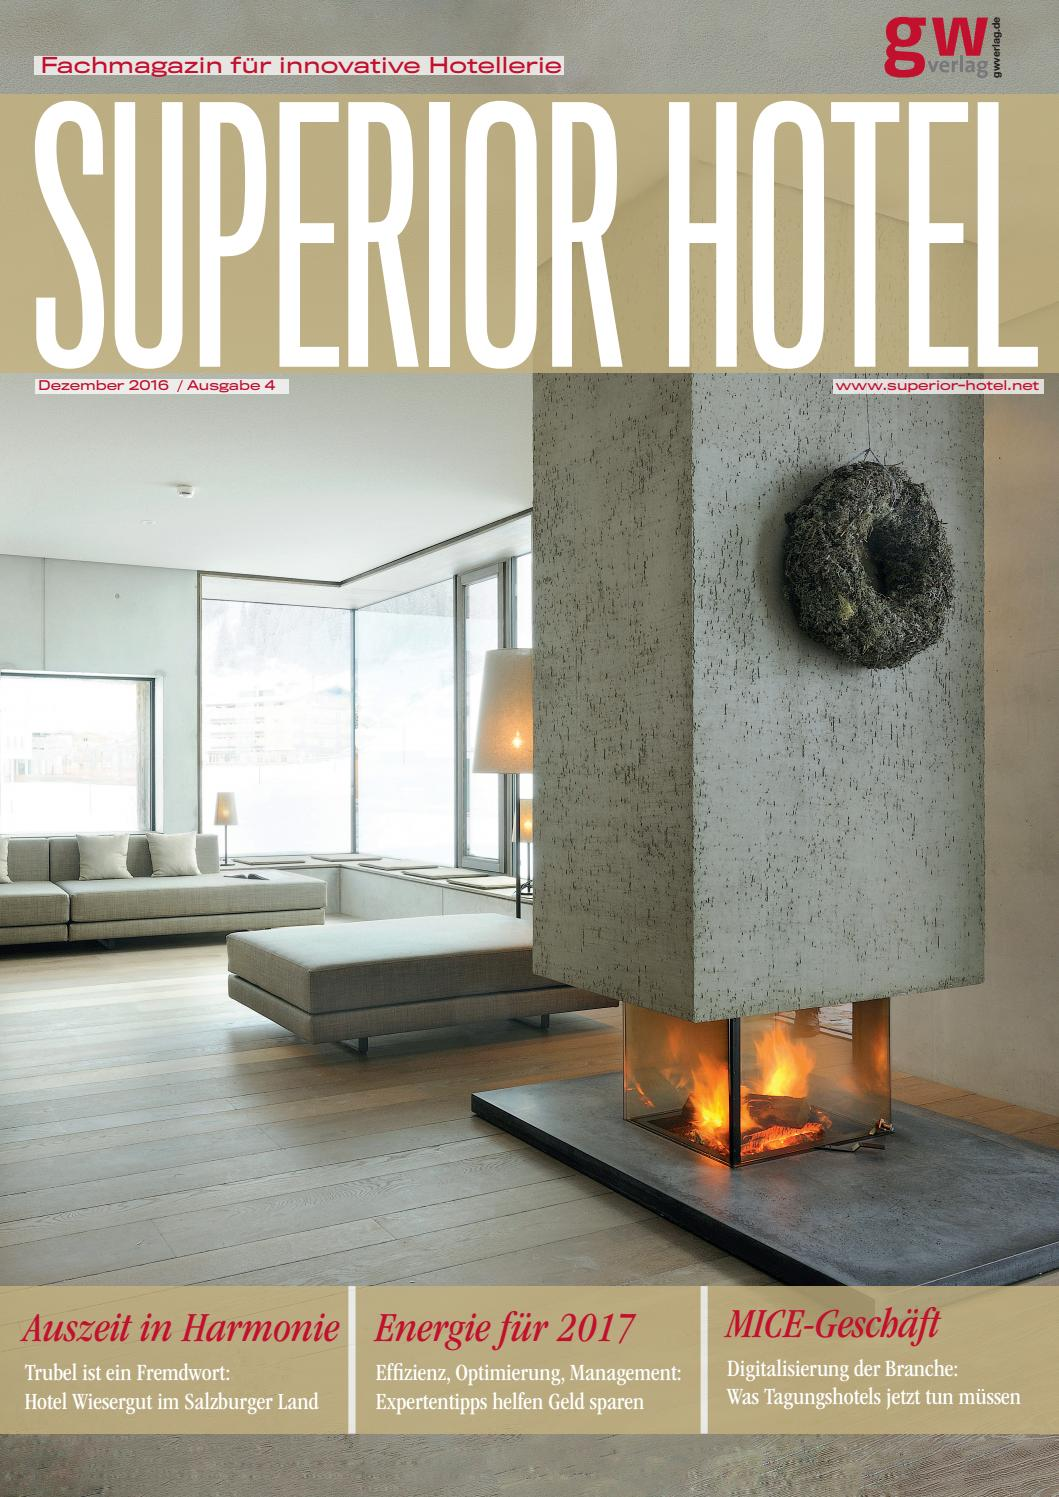 Superior Hotel 4/2016 by GW VERLAG - issuu